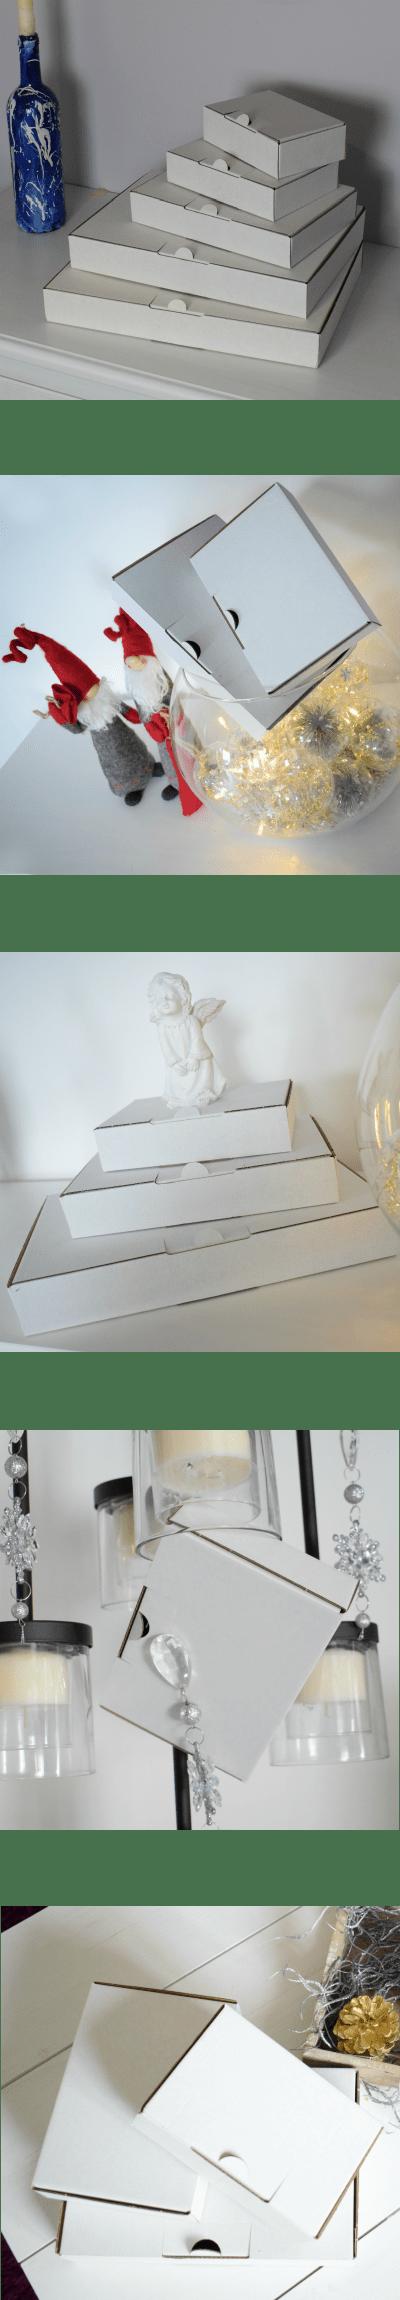 Maxibriefkartons günstig, Maxibriefkartons kaufen, Maxibriefkartons - As-kartons.de